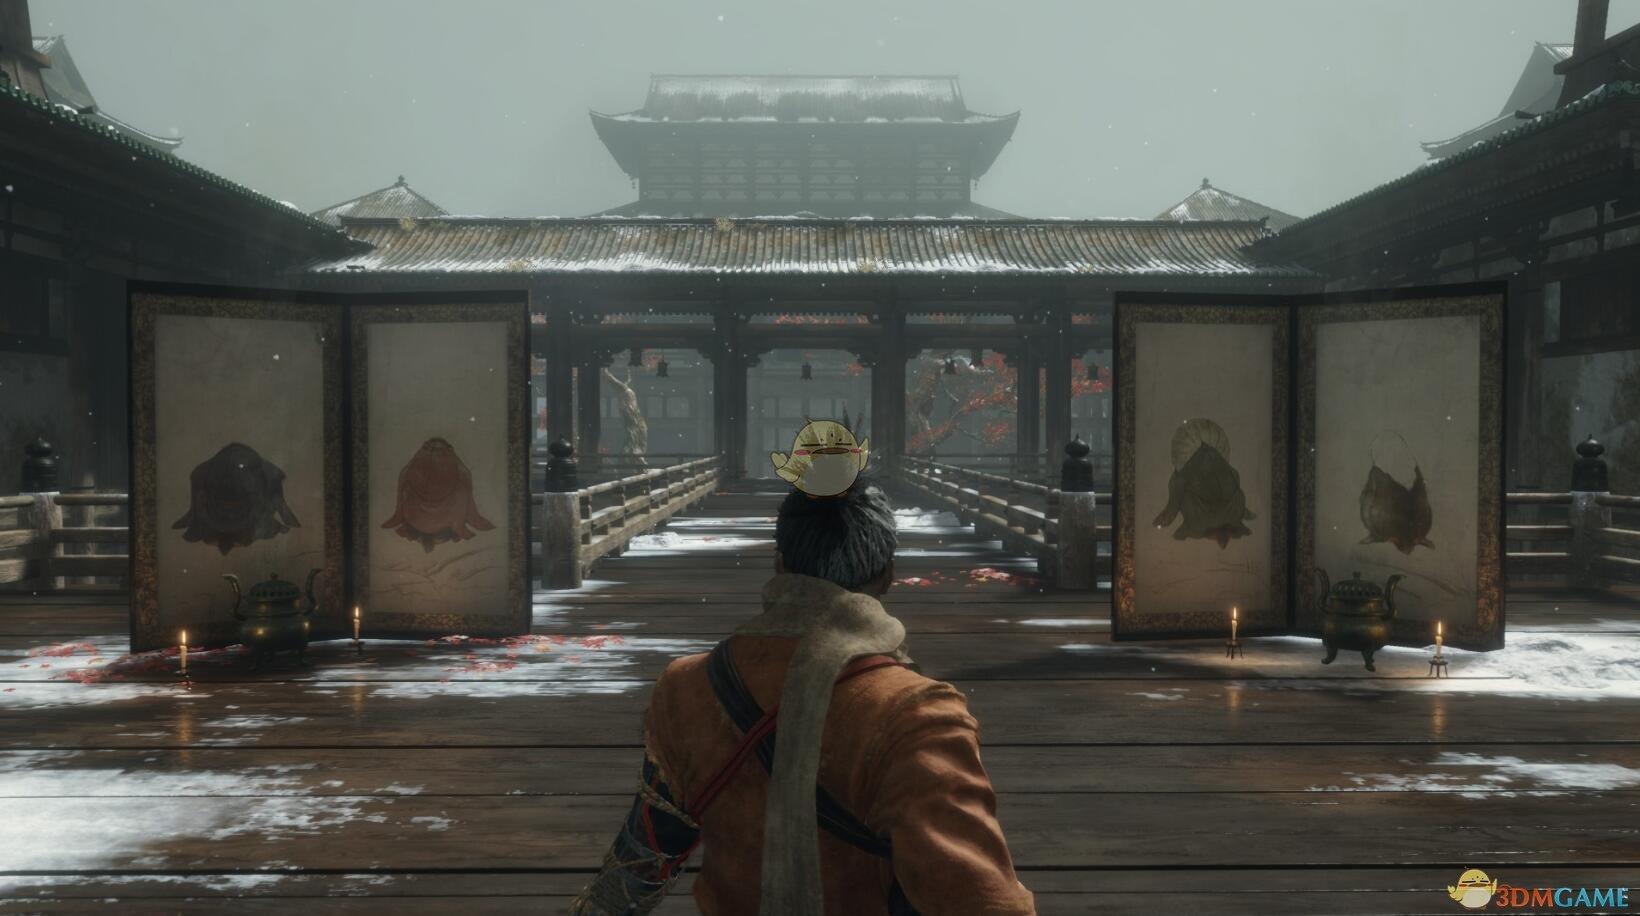 《只狼:影逝二度》仙峰寺幻境见闻言三猿任务攻略